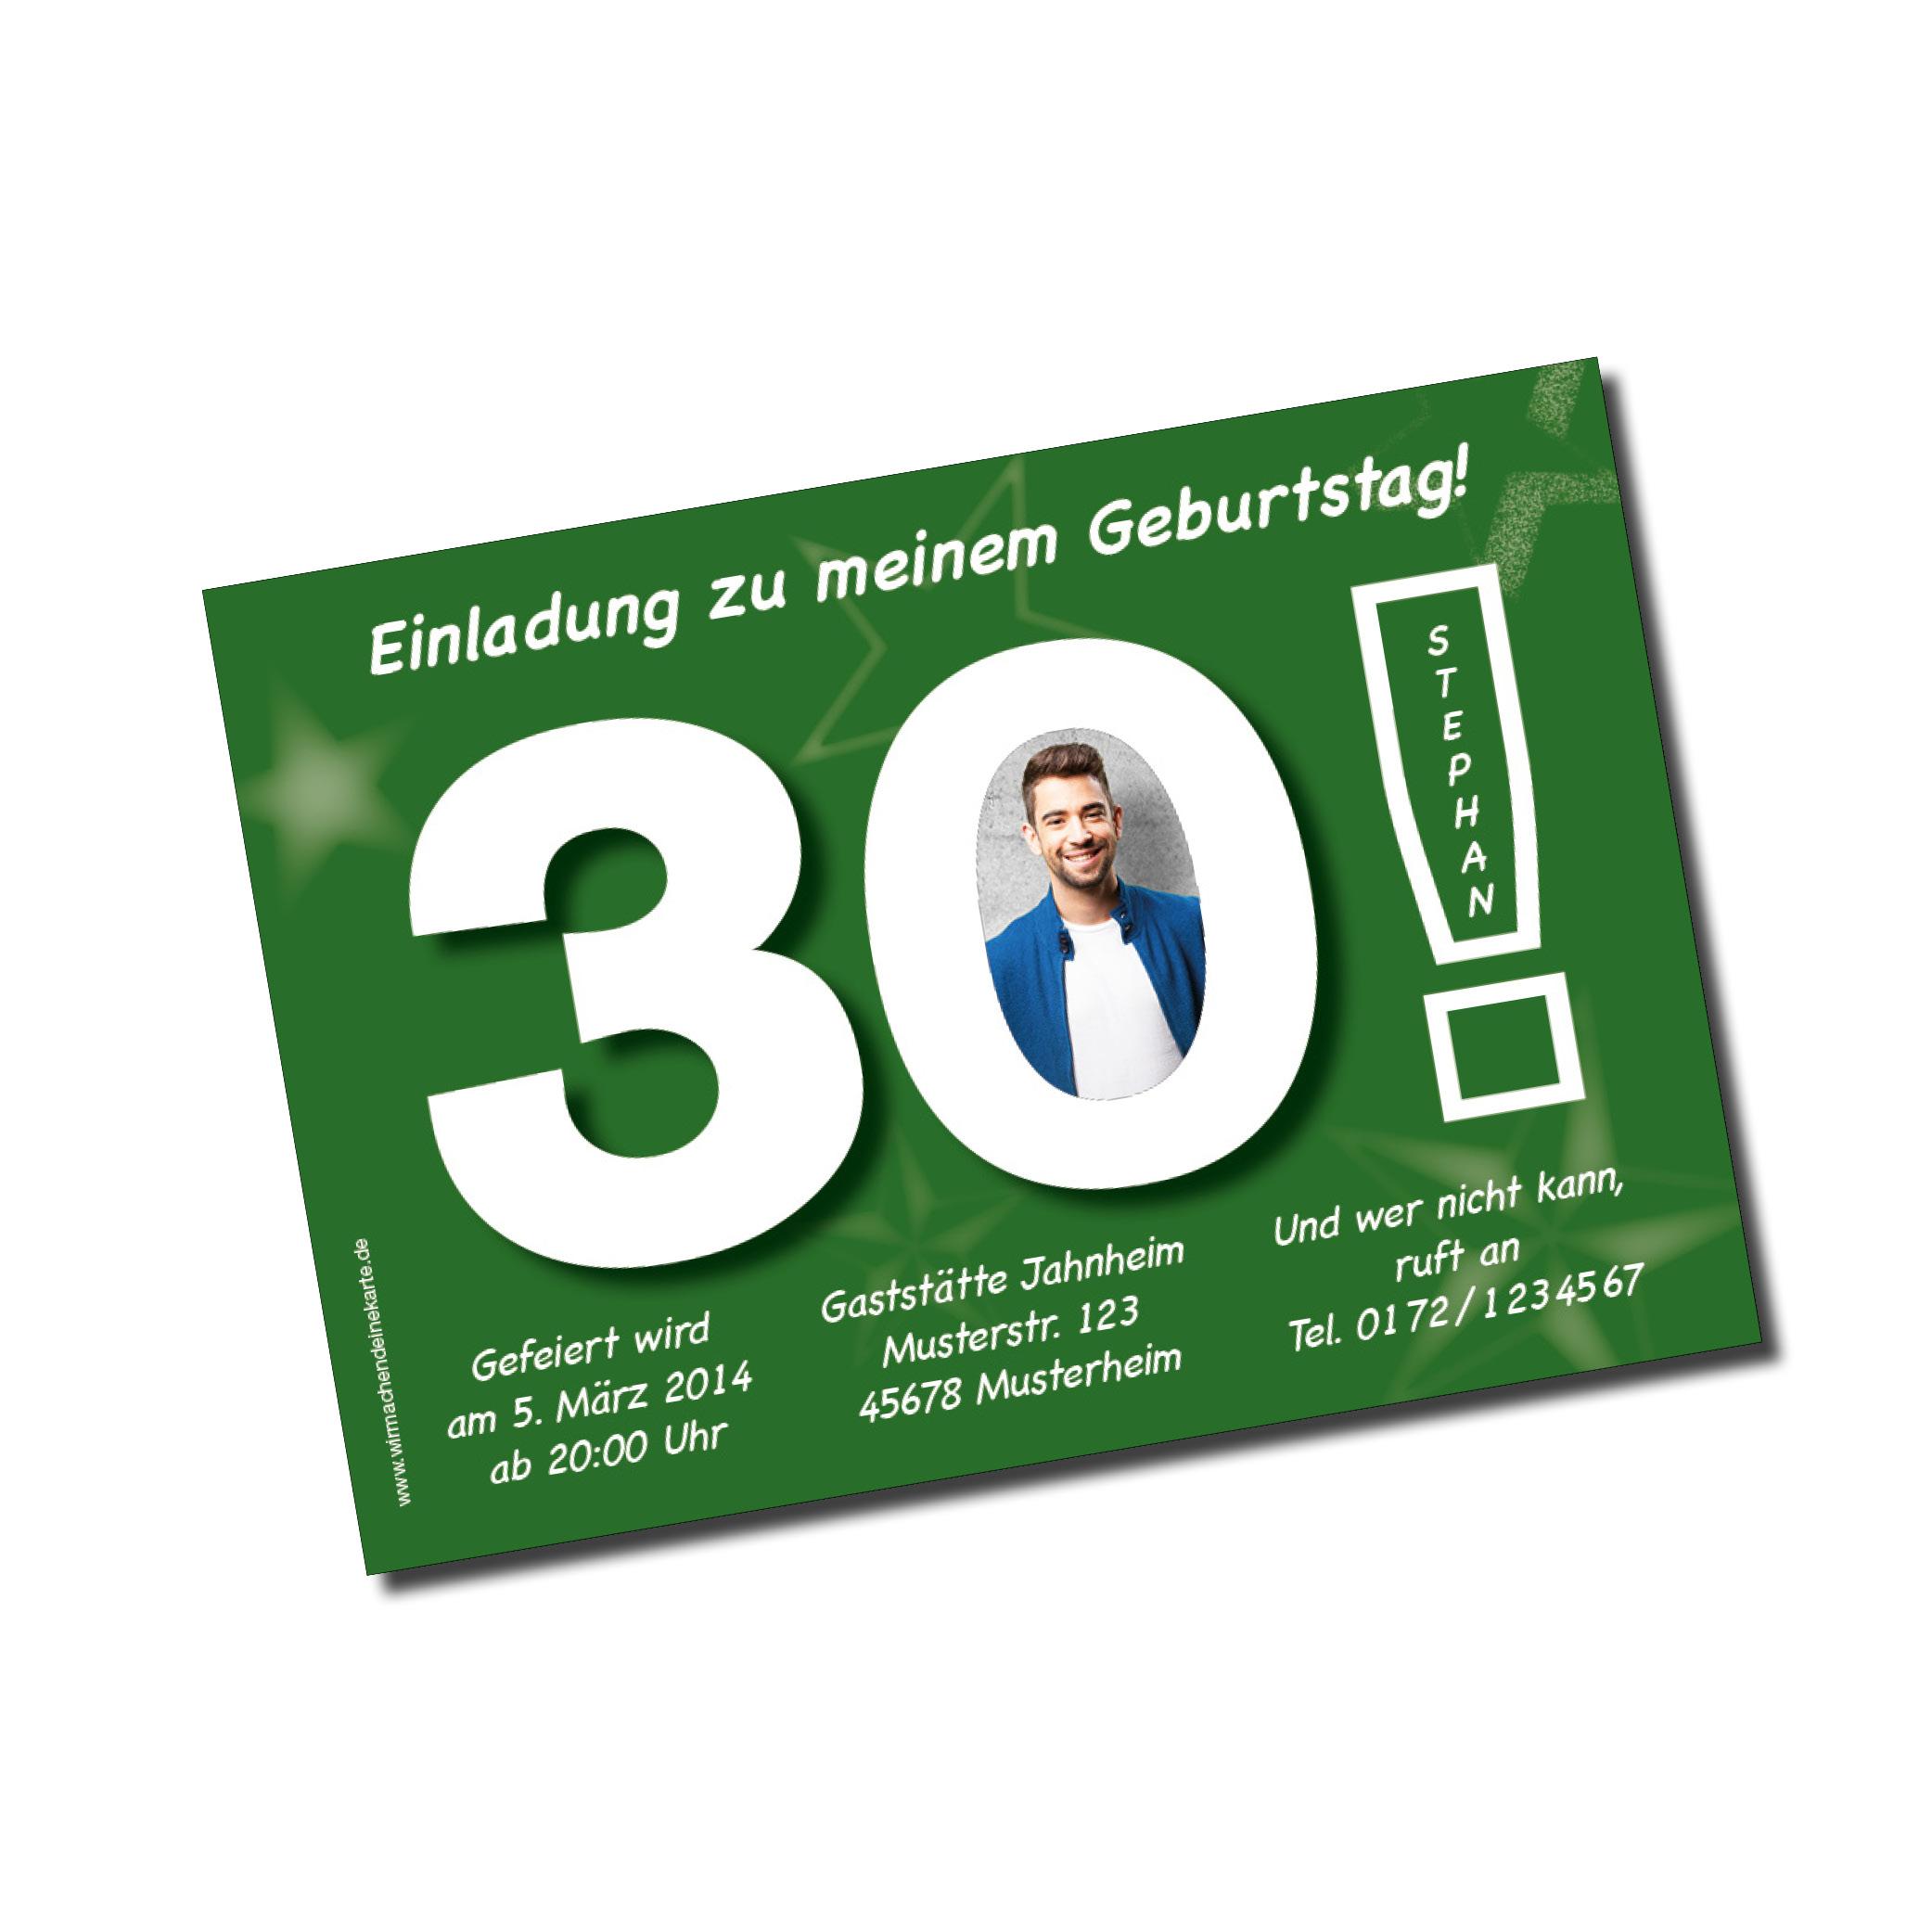 geburtstag einladungskarten - 30. geburtstag große 30 grün